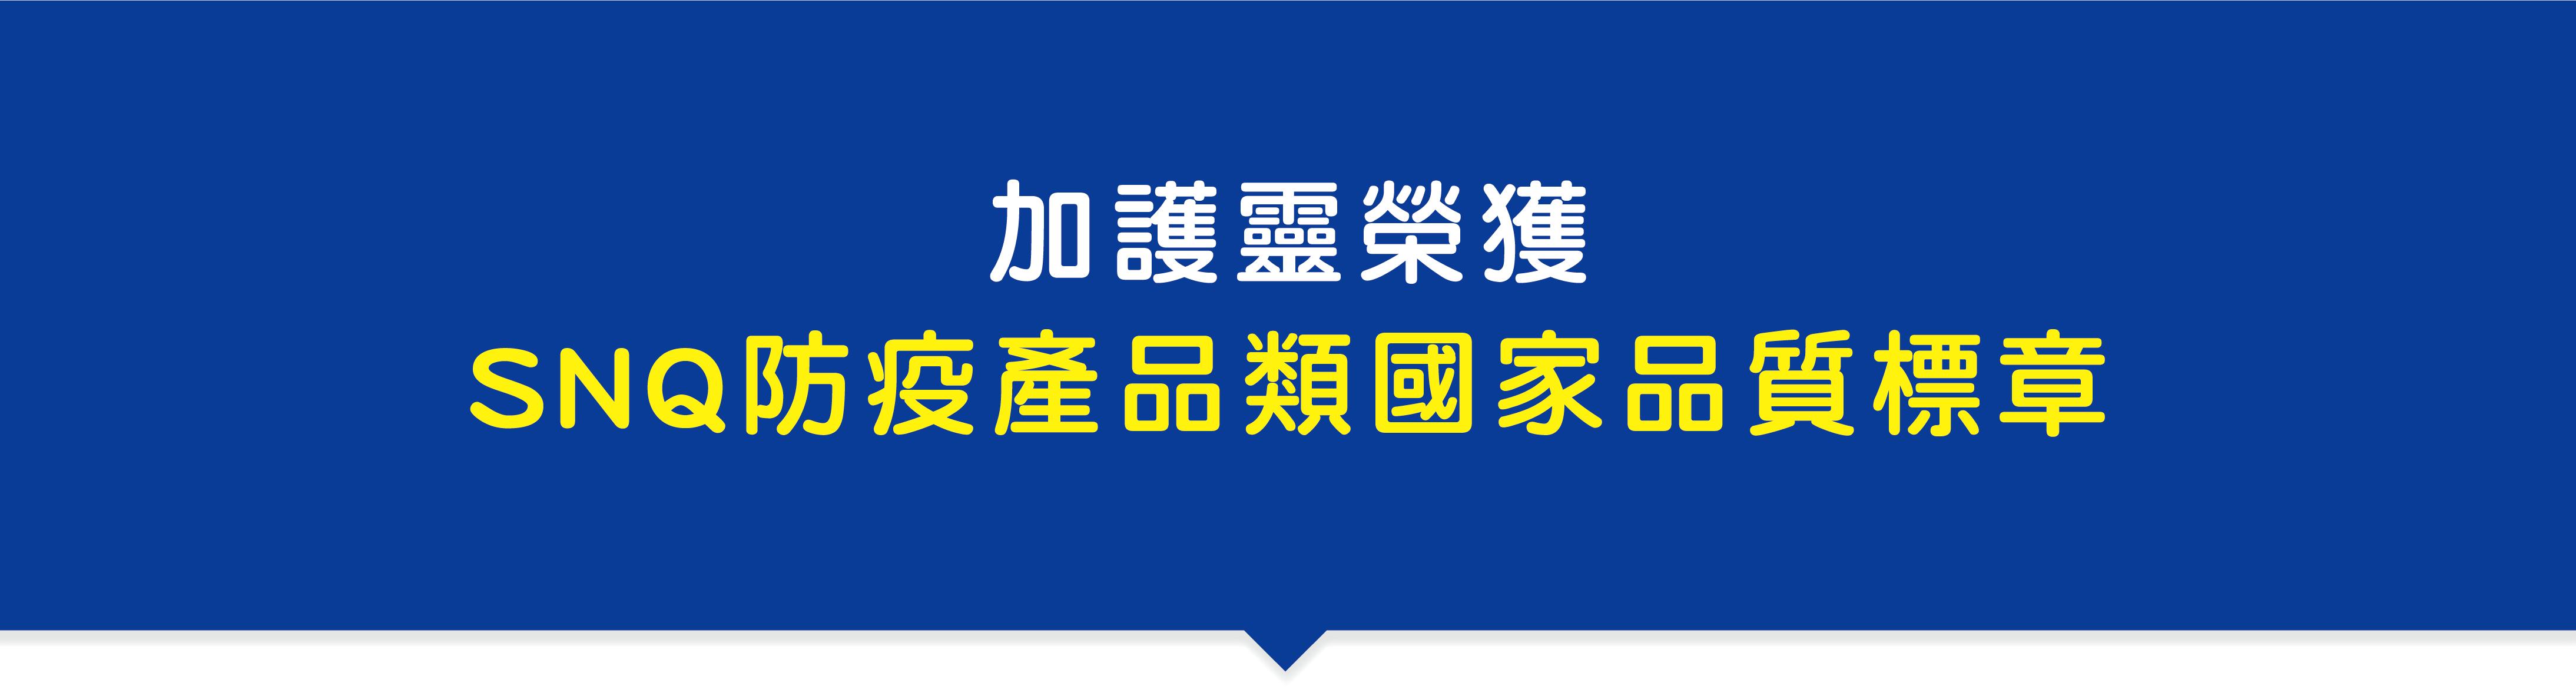 加護靈榮獲 SNQ防疫產品類國家品質標章